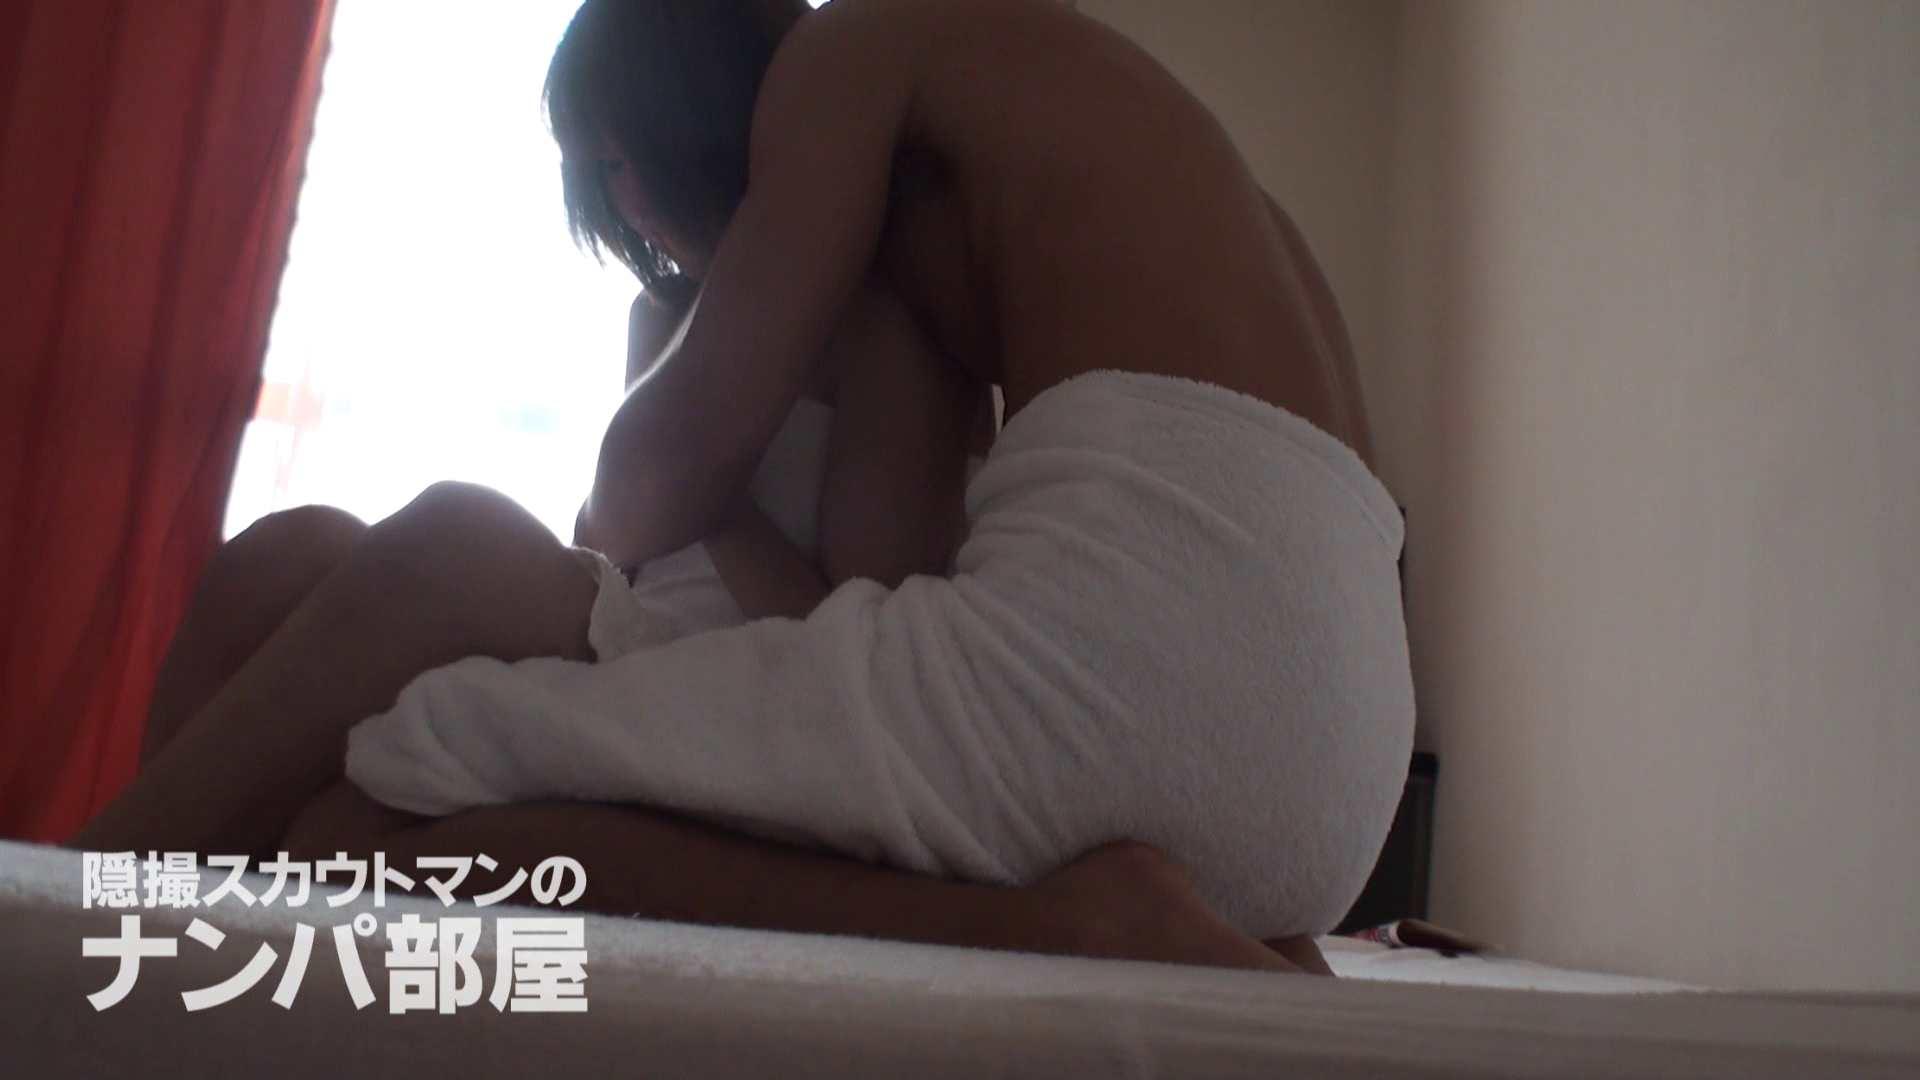 隠撮スカウトマンのナンパ部屋~風俗デビュー前のつまみ食い~ sii 0   0  104画像 61